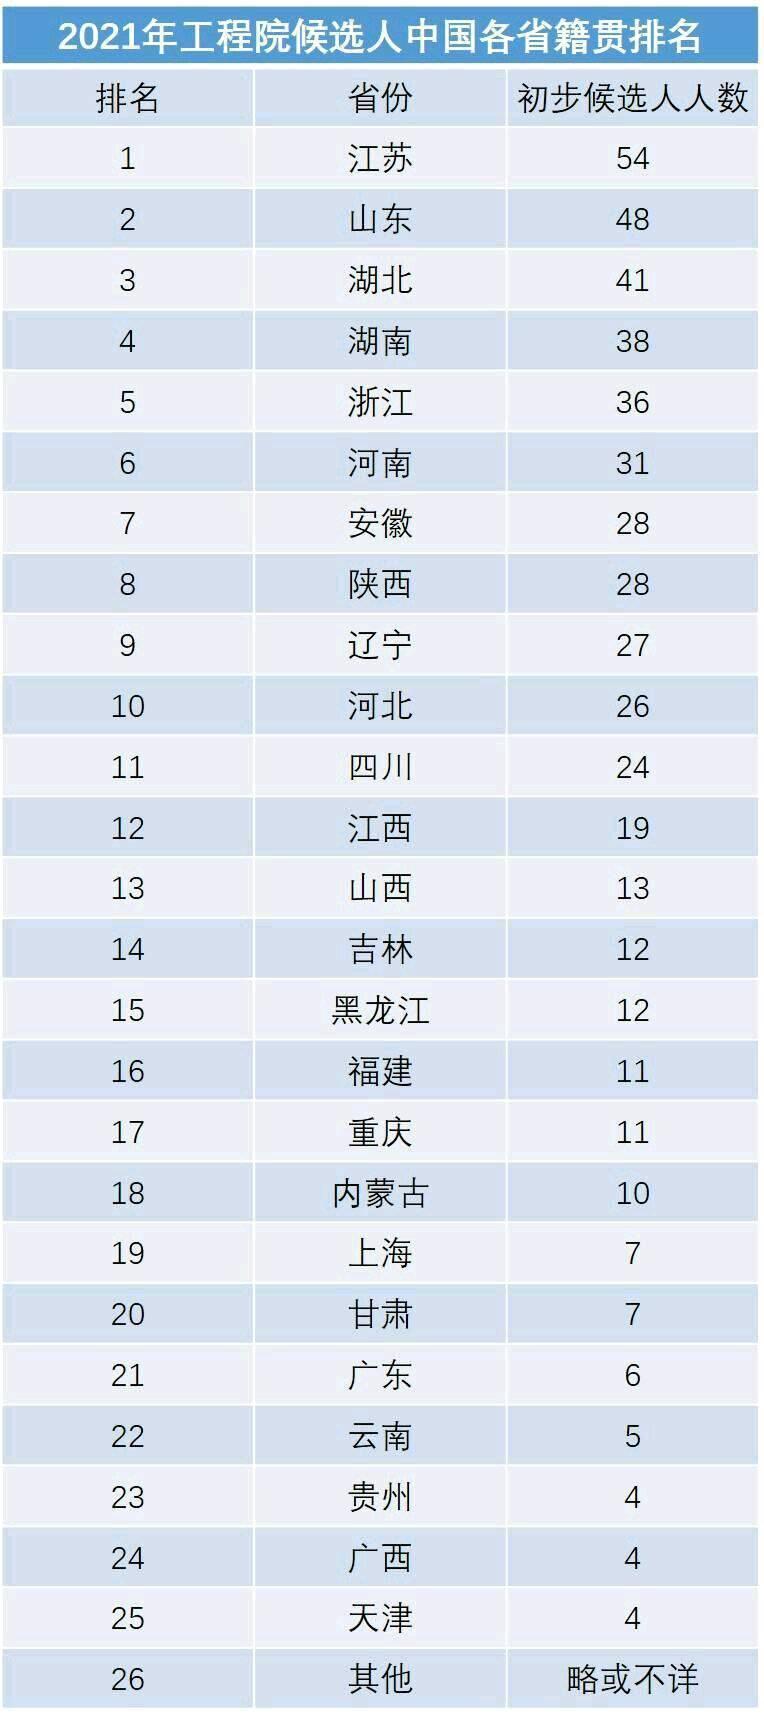 各省人口排名2021_各省人口排名